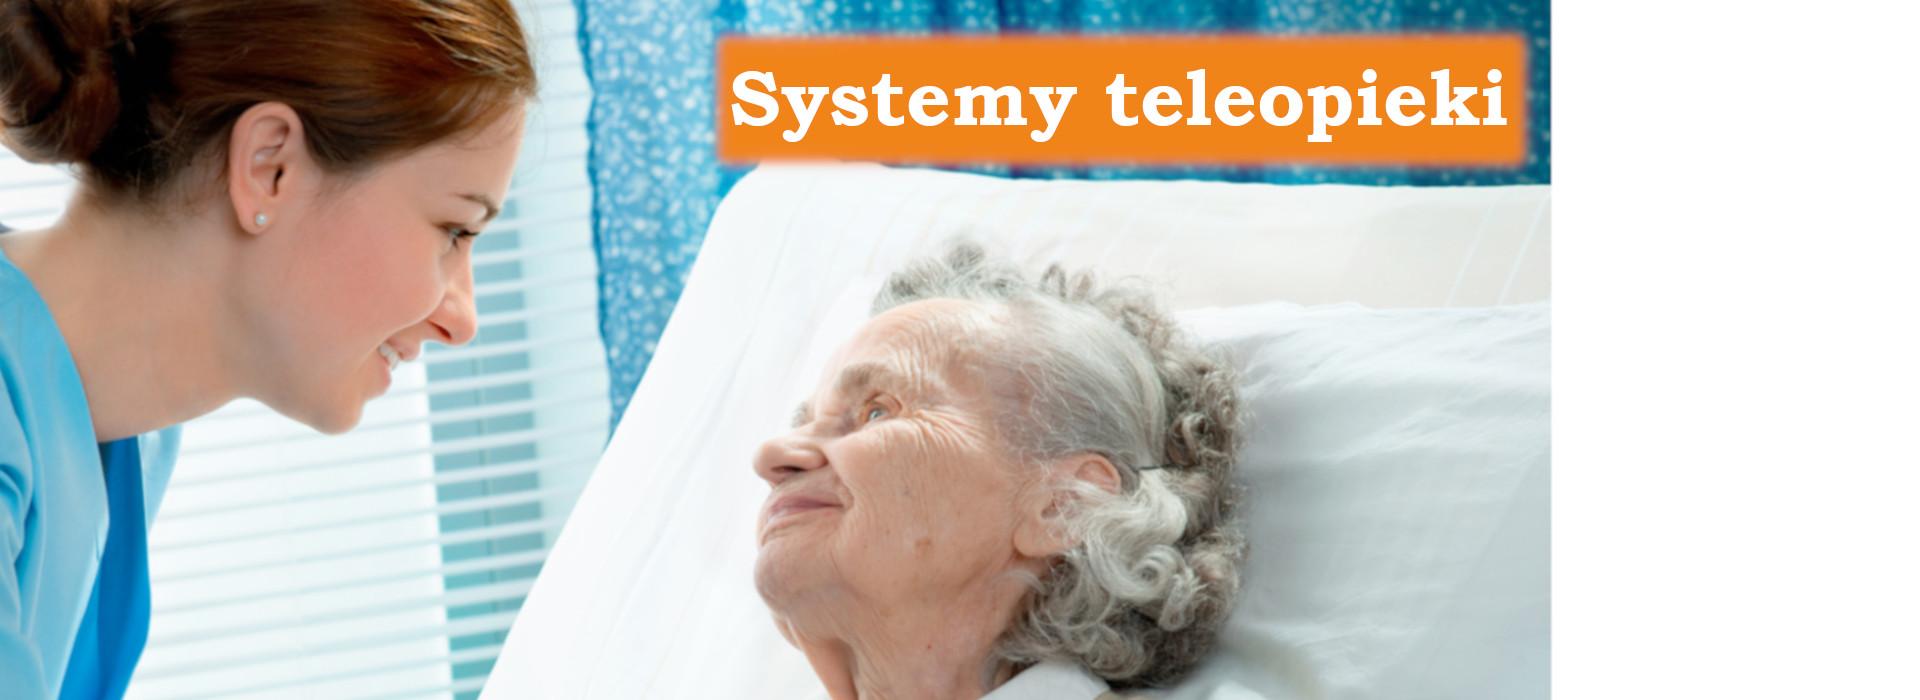 Systemy Teleopieki dla osób starszych